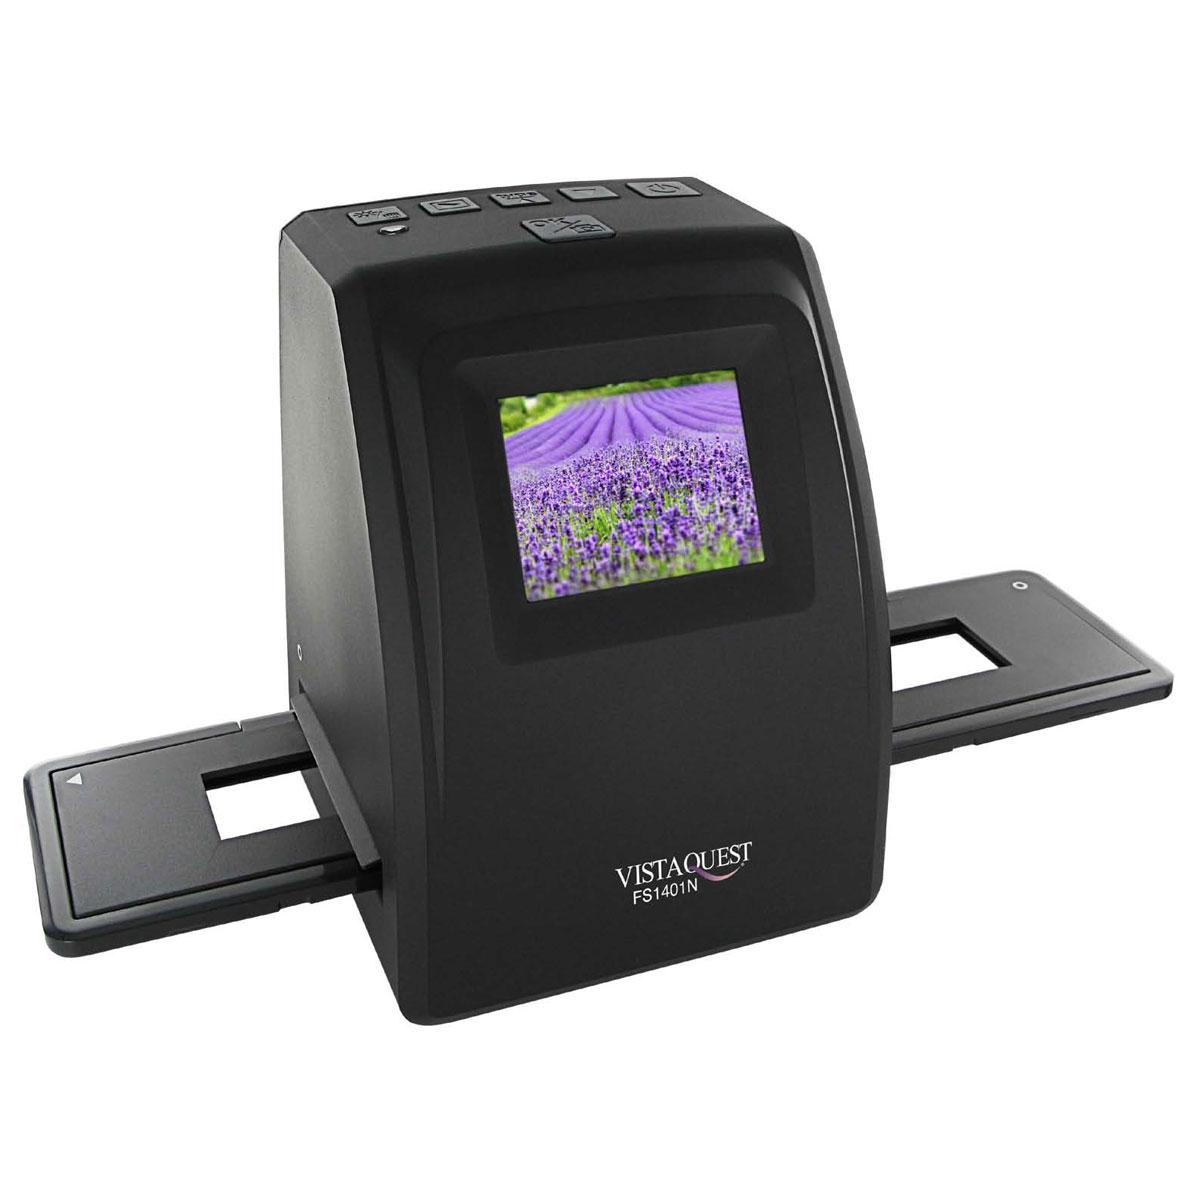 vistaquest vq fs1401n vq fs1401n achat vente scanner sur. Black Bedroom Furniture Sets. Home Design Ideas